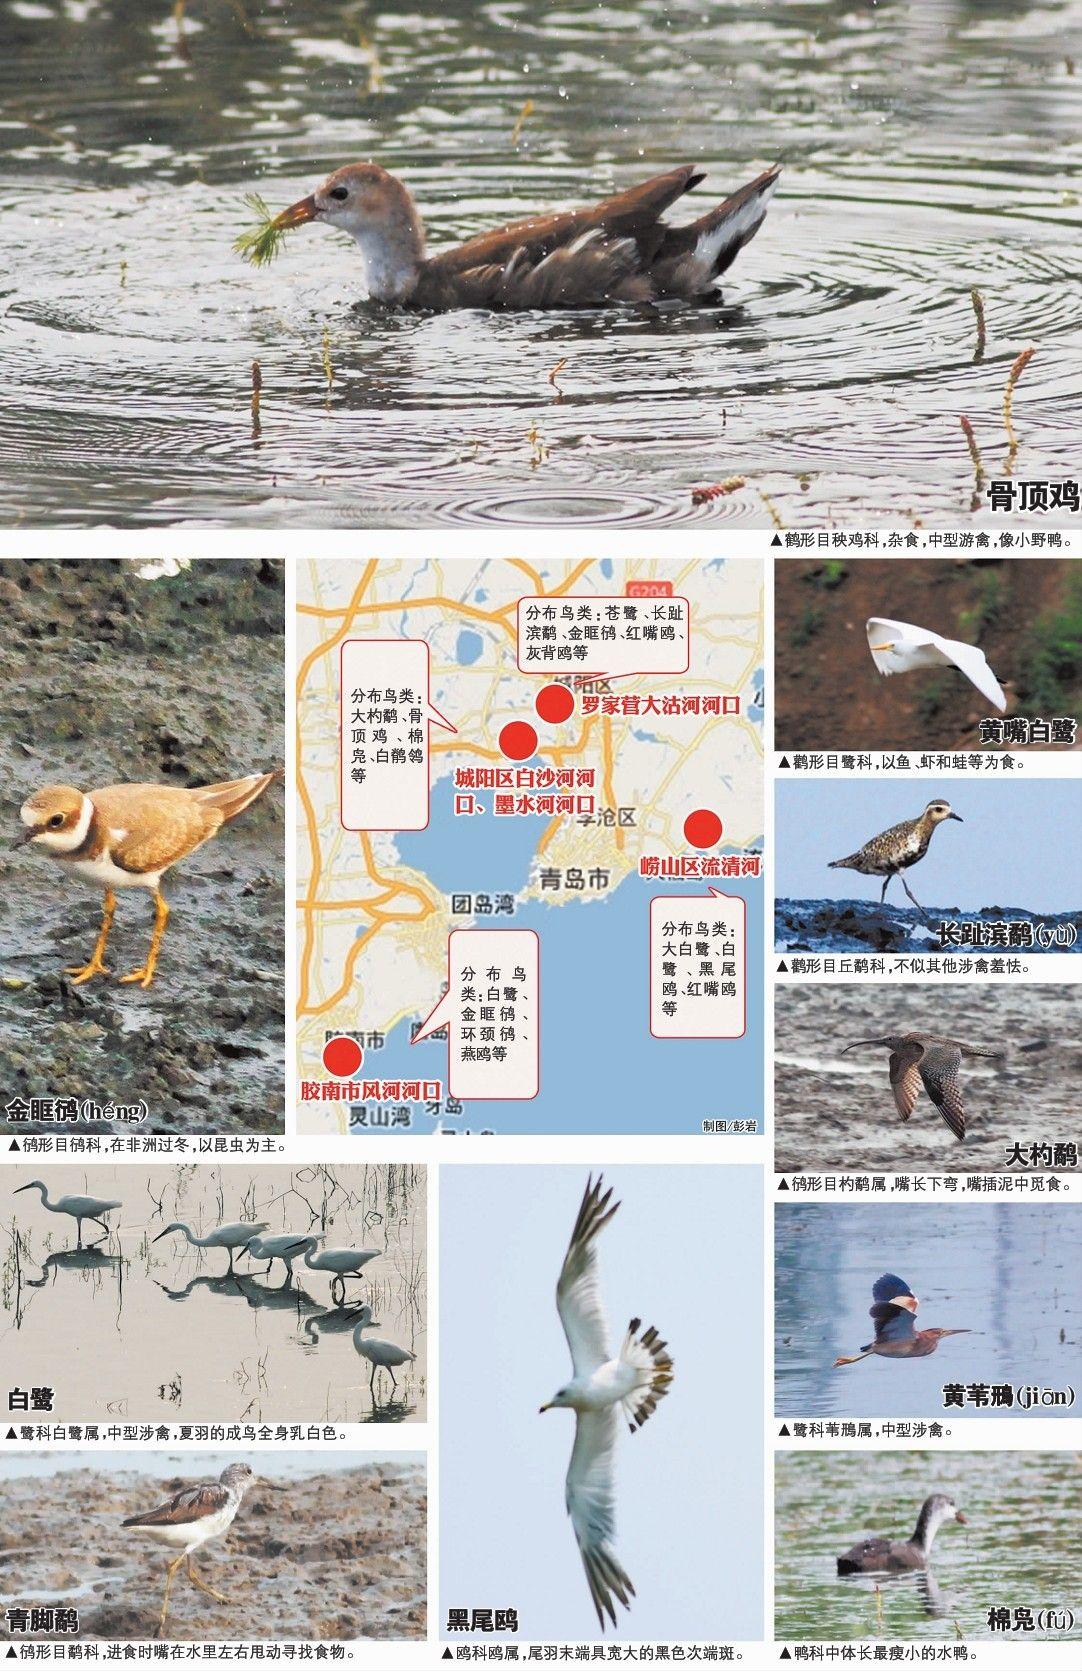 近日,中国海洋大学的7名在校大学生在专家老师的指导下,实地探访了青岛5处河口湿地,通过观察拍照,统计出分布在5个湿地的5目 13科36种鸟类,绘制出可以说是岛城第一张非专业版的青岛夏季湿地鸟类分布图。对此,岛城鸟类专家表示,岛城目前还没有专门介绍湿地鸟类分布情况的资料,学生此次调查取得的分布图虽然不够专业也不够全面,但对观察研究岛城夏季湿地鸟类有很大帮助,对唤起广大市民保护湿地爱护动物也有重要意义。   大学生耗时一周拍下36种鸟靓照   从8月8日开始,来自中国海洋大学的水产、生命及食品学院的7名0